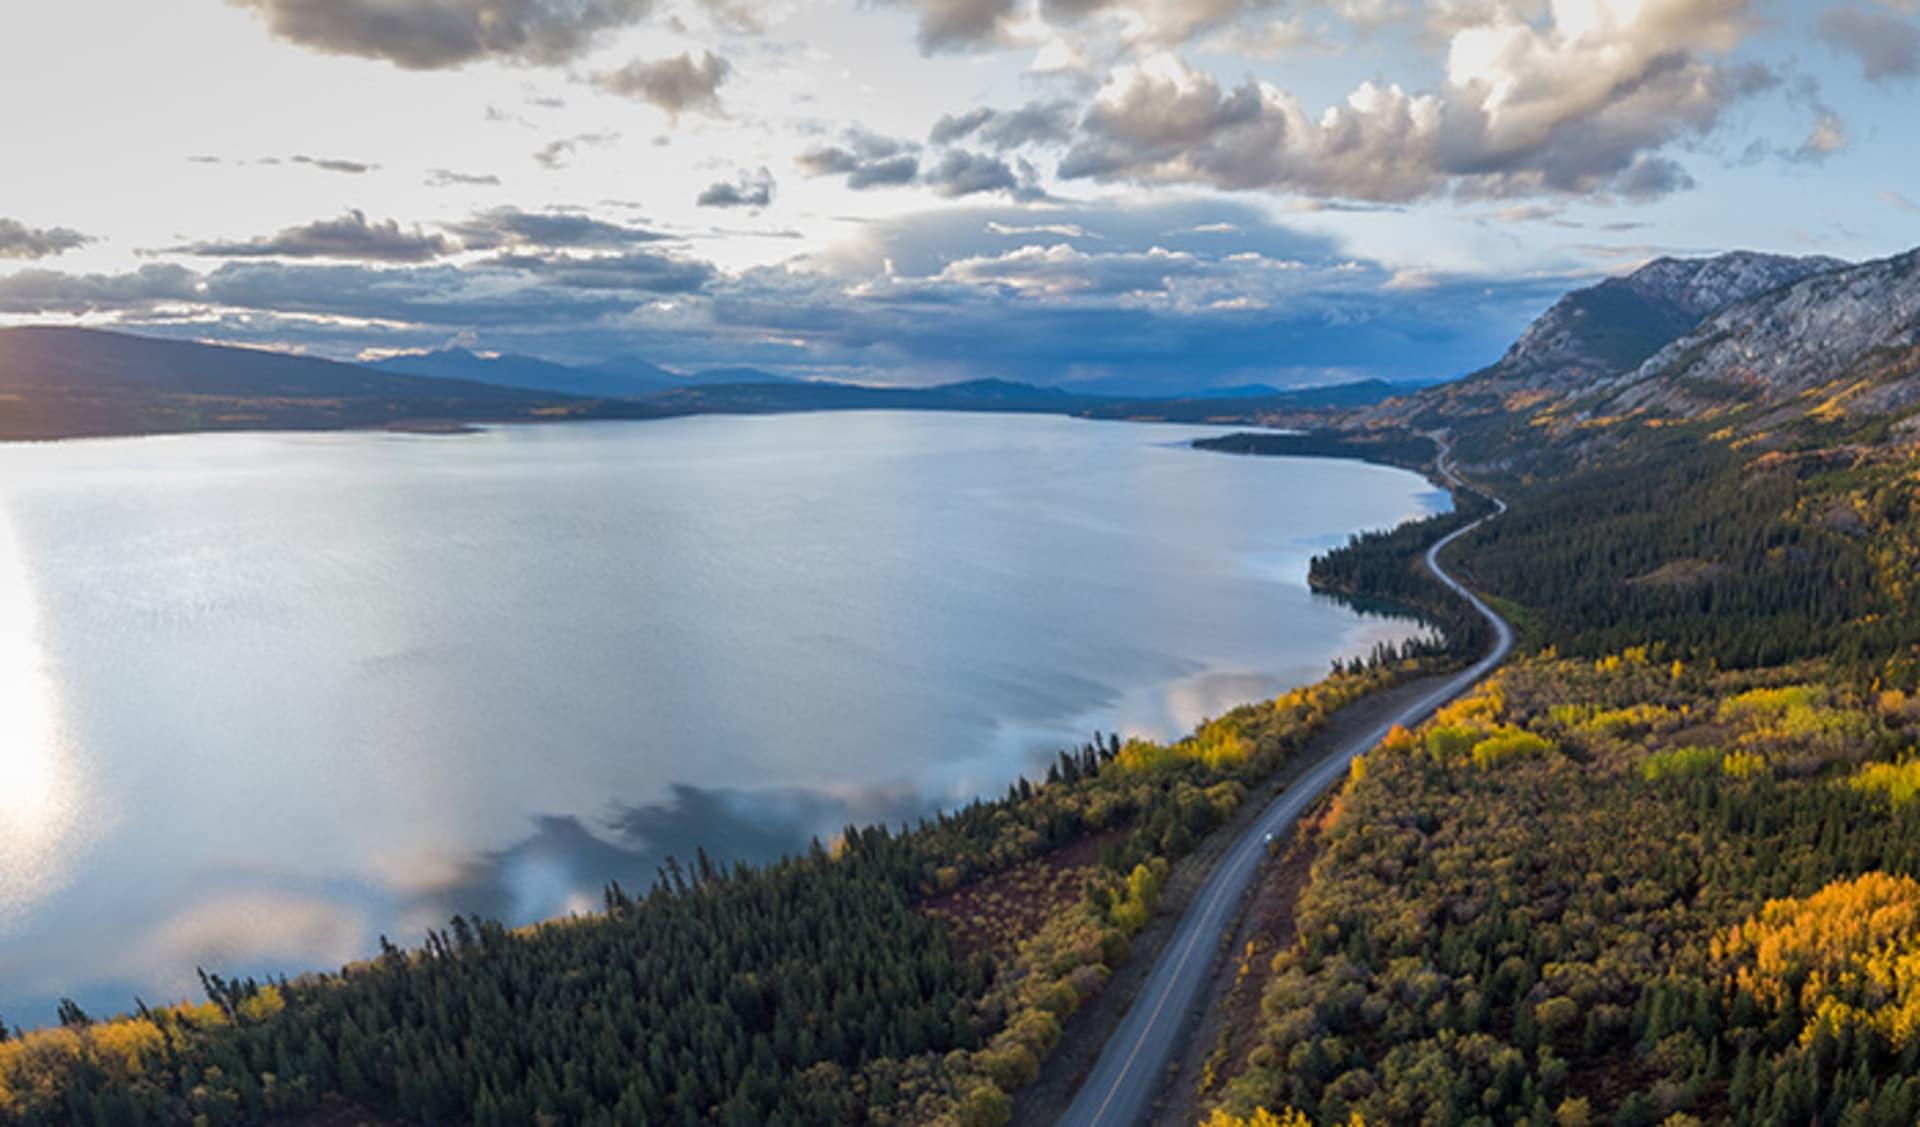 Atlin Region, Alaska